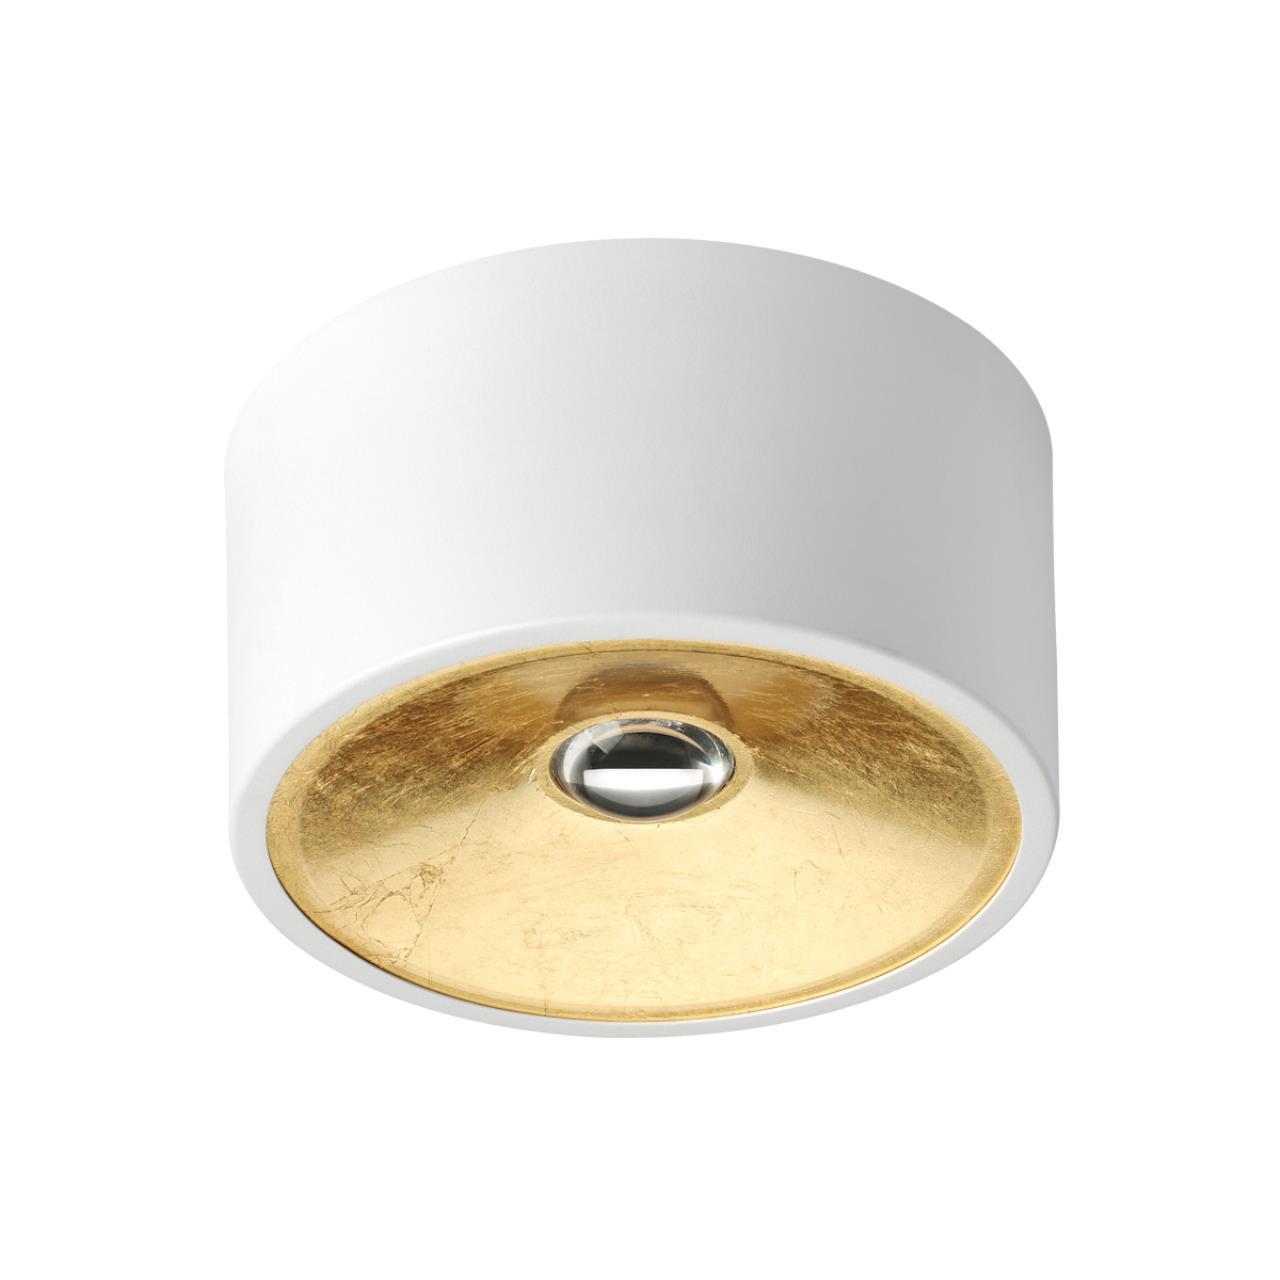 3892/1C HIGHTECH ODL20 белый с золотом Потолочной накладной светильник GU10 1*50W 220V GLASGOW